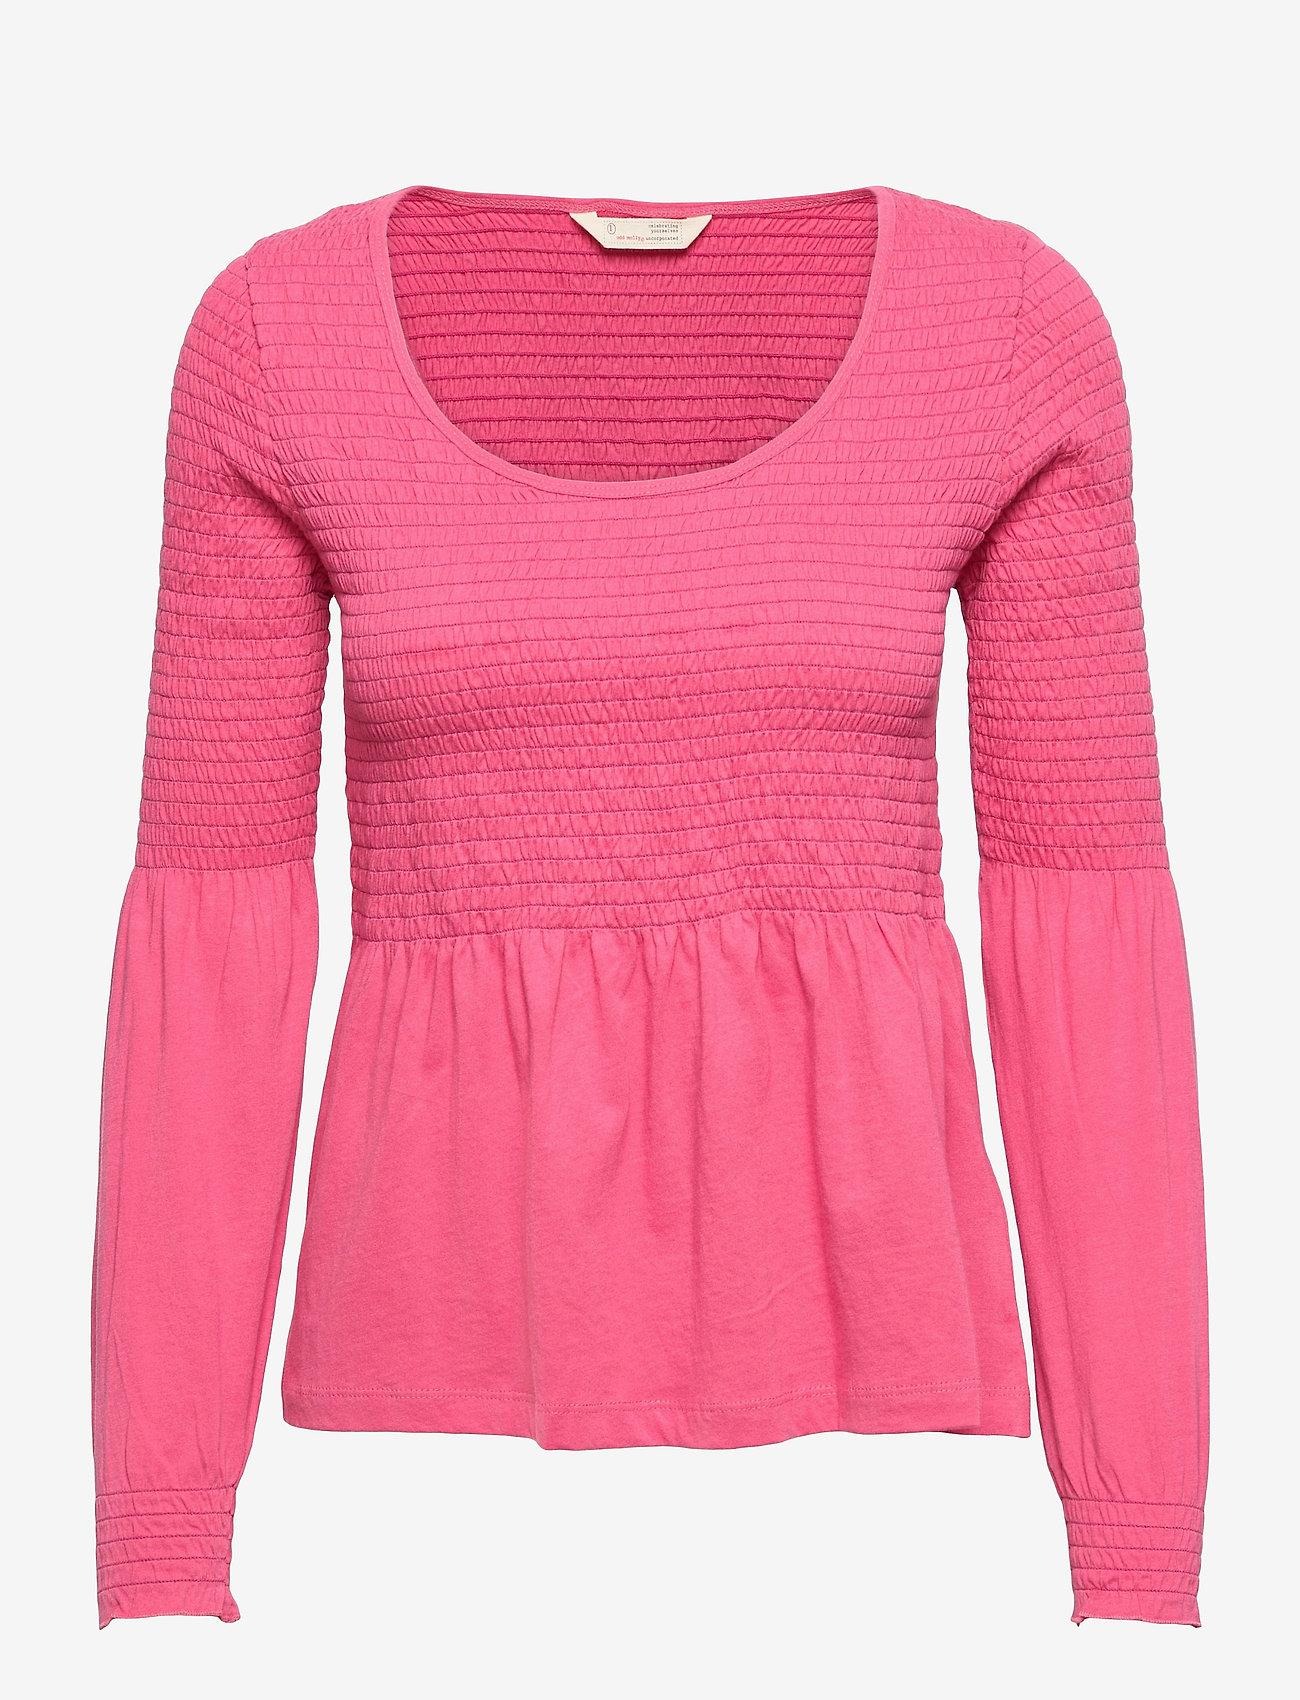 ODD MOLLY - Valerie Top - langærmede bluser - pink fudge - 1